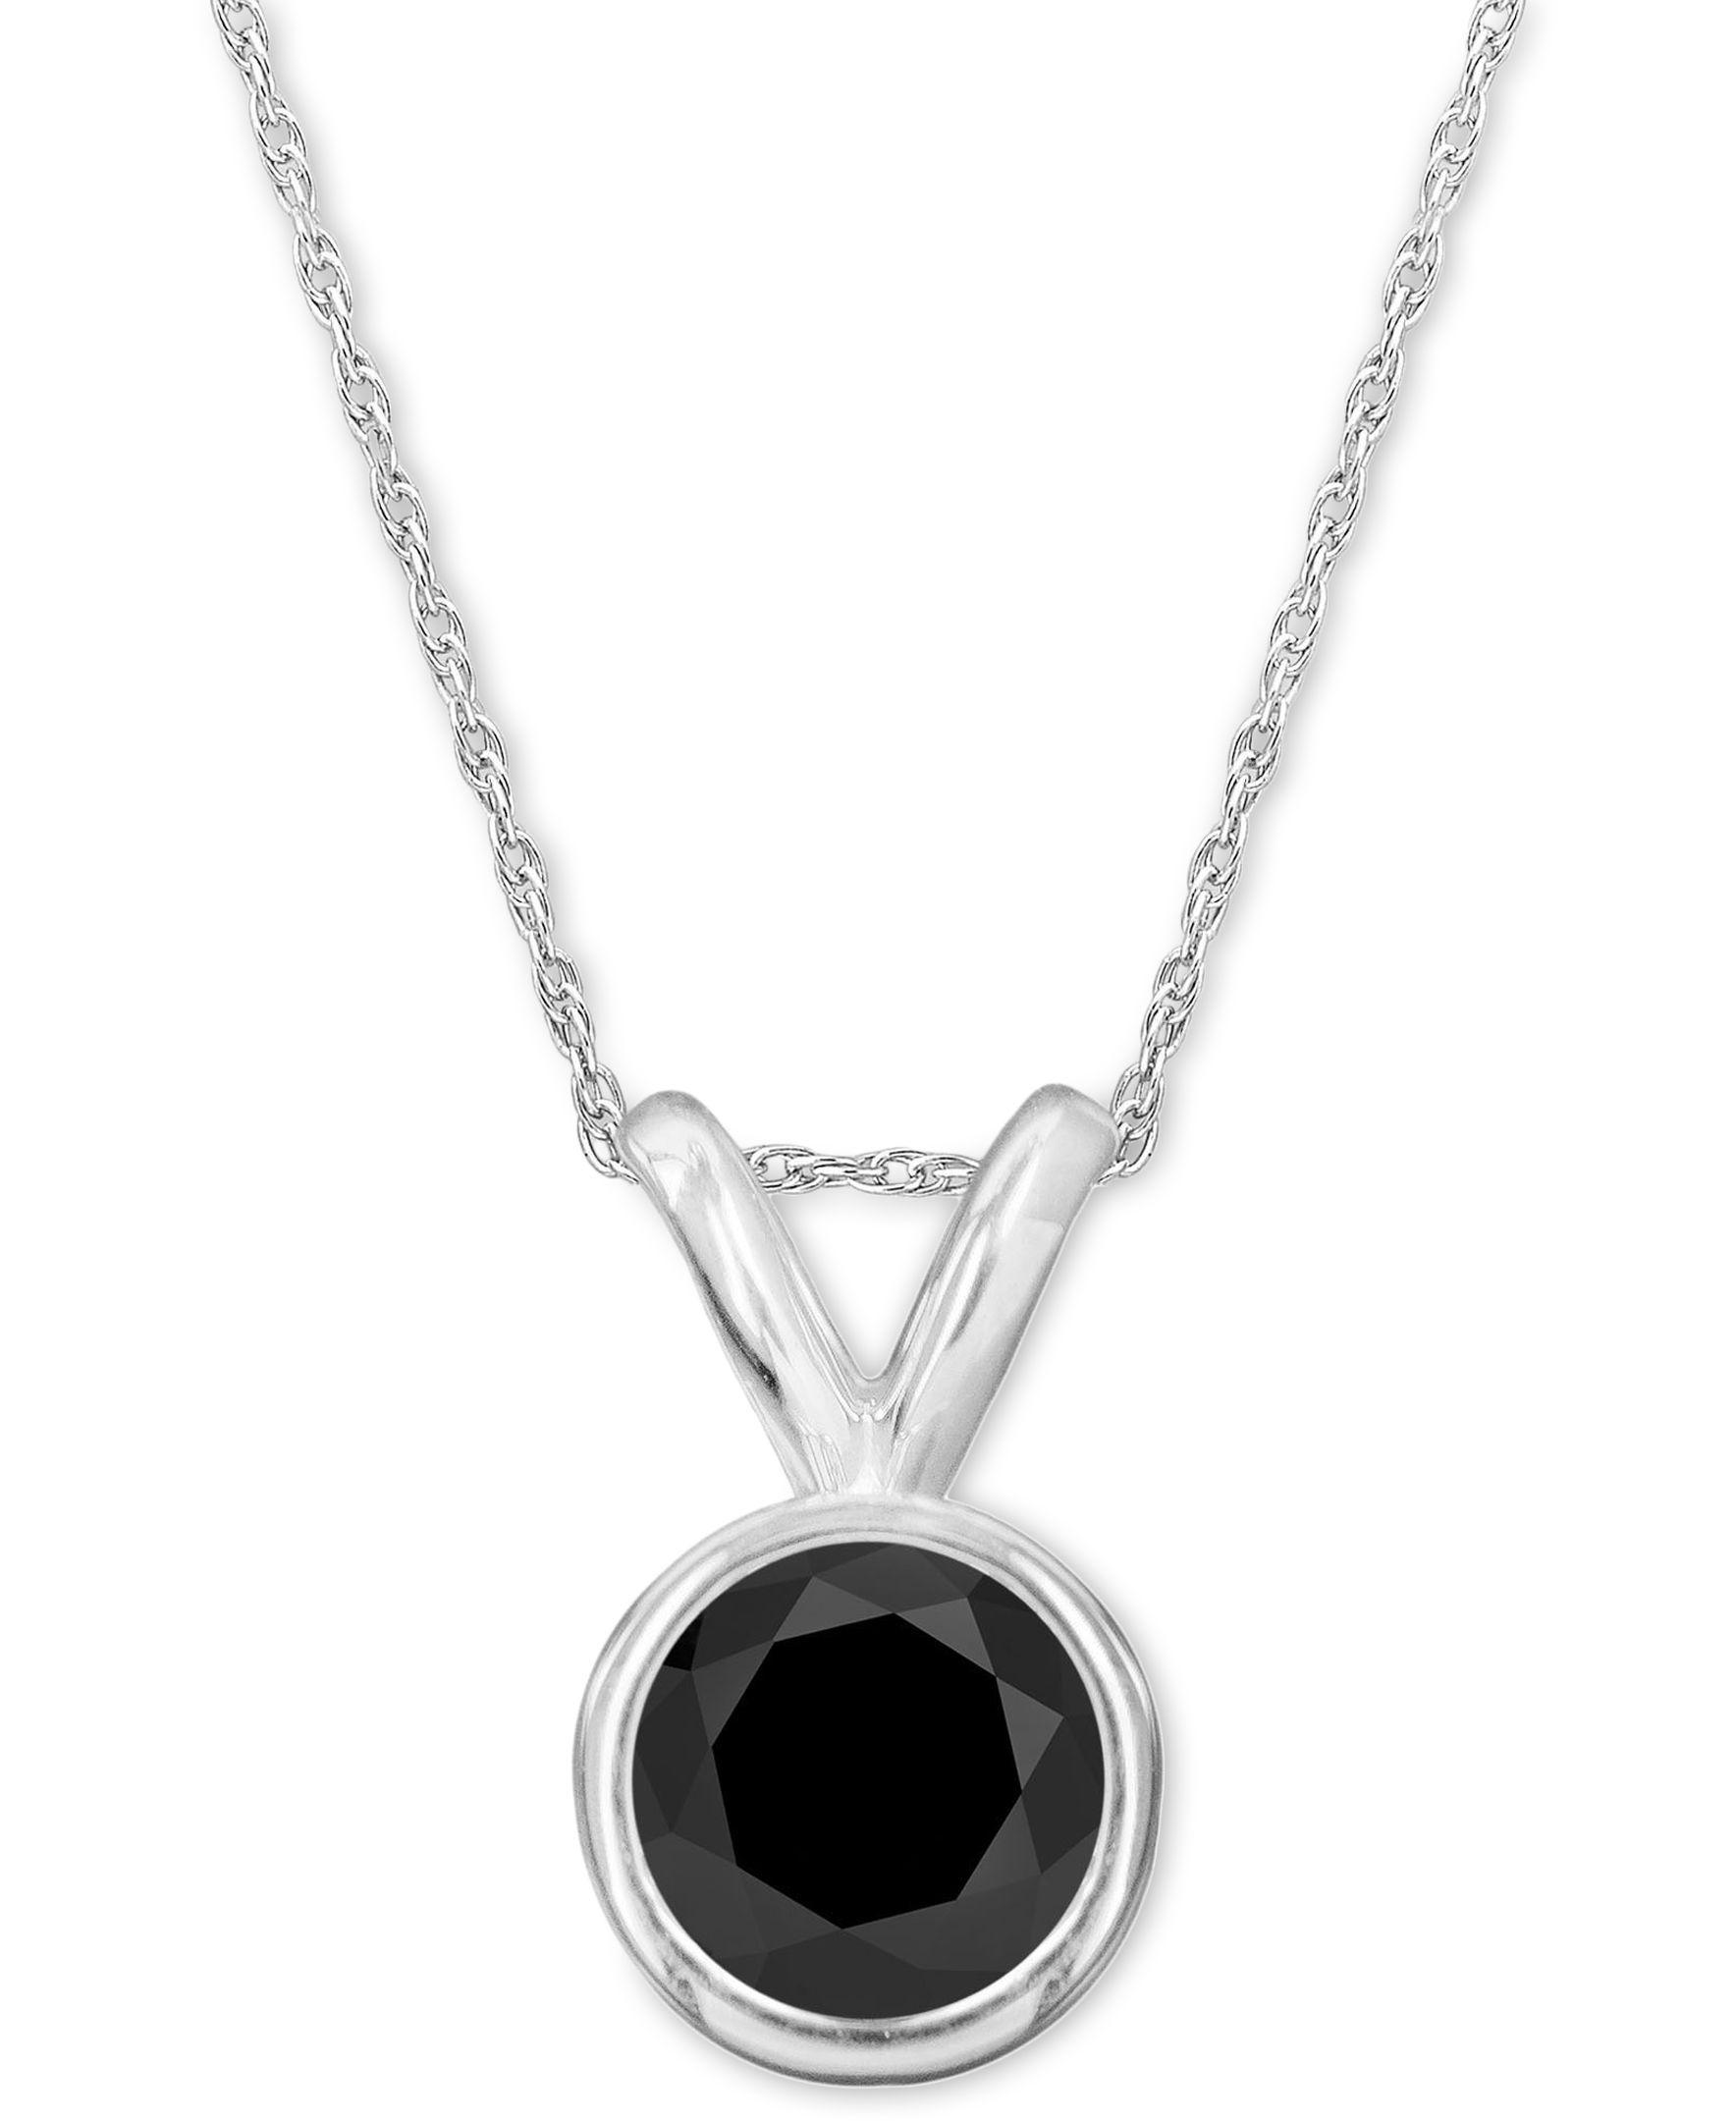 26c86f995e4 14k White Gold Necklace